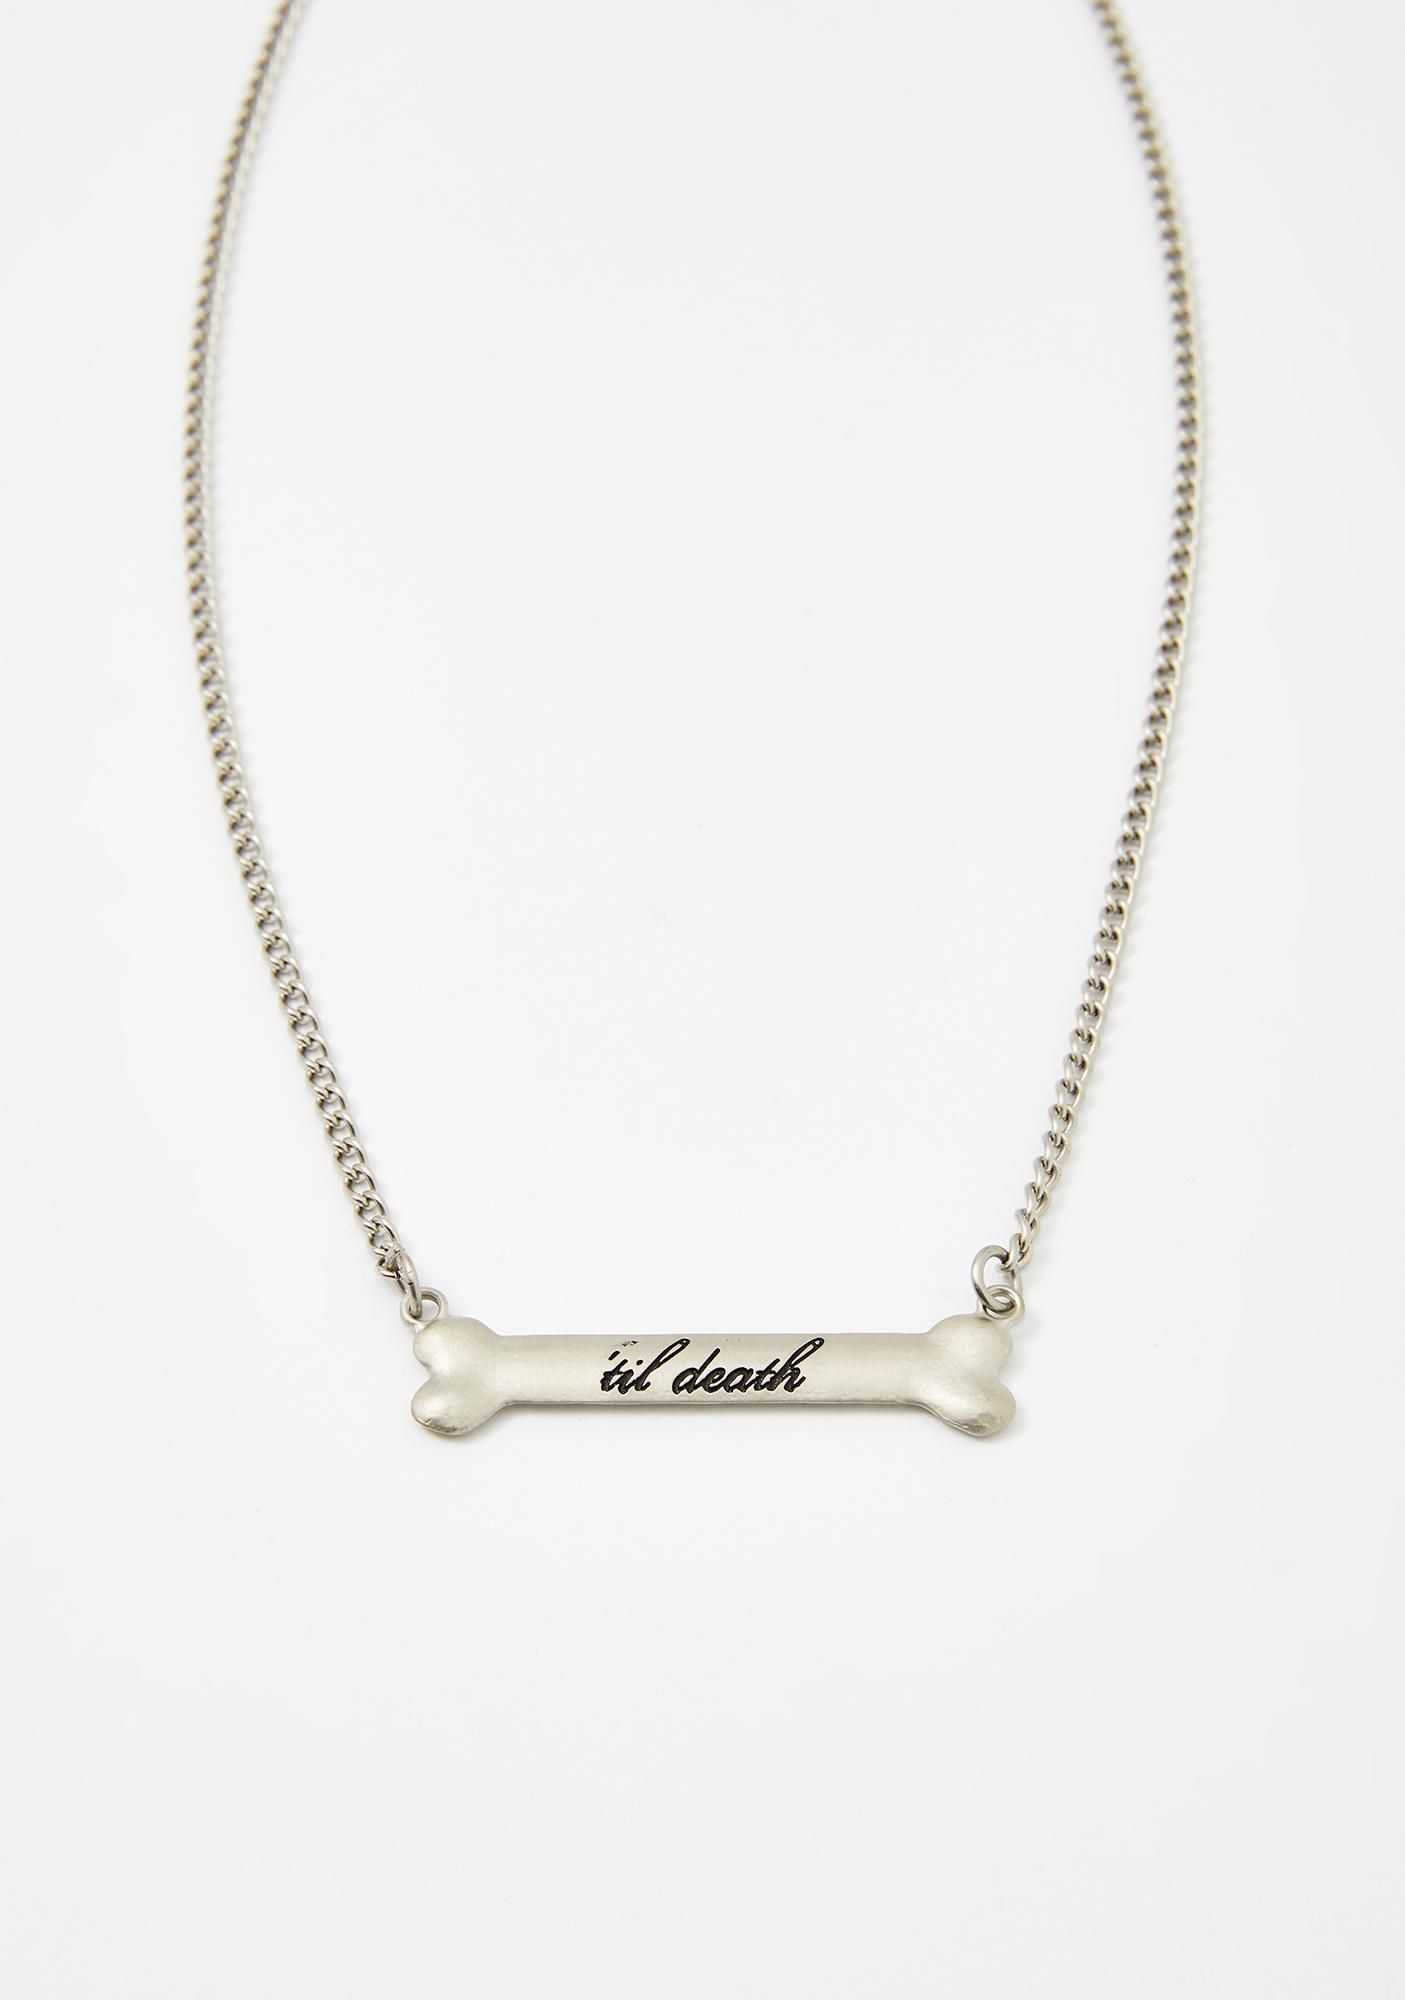 Rock Rebel 'Til Death Bone Necklace